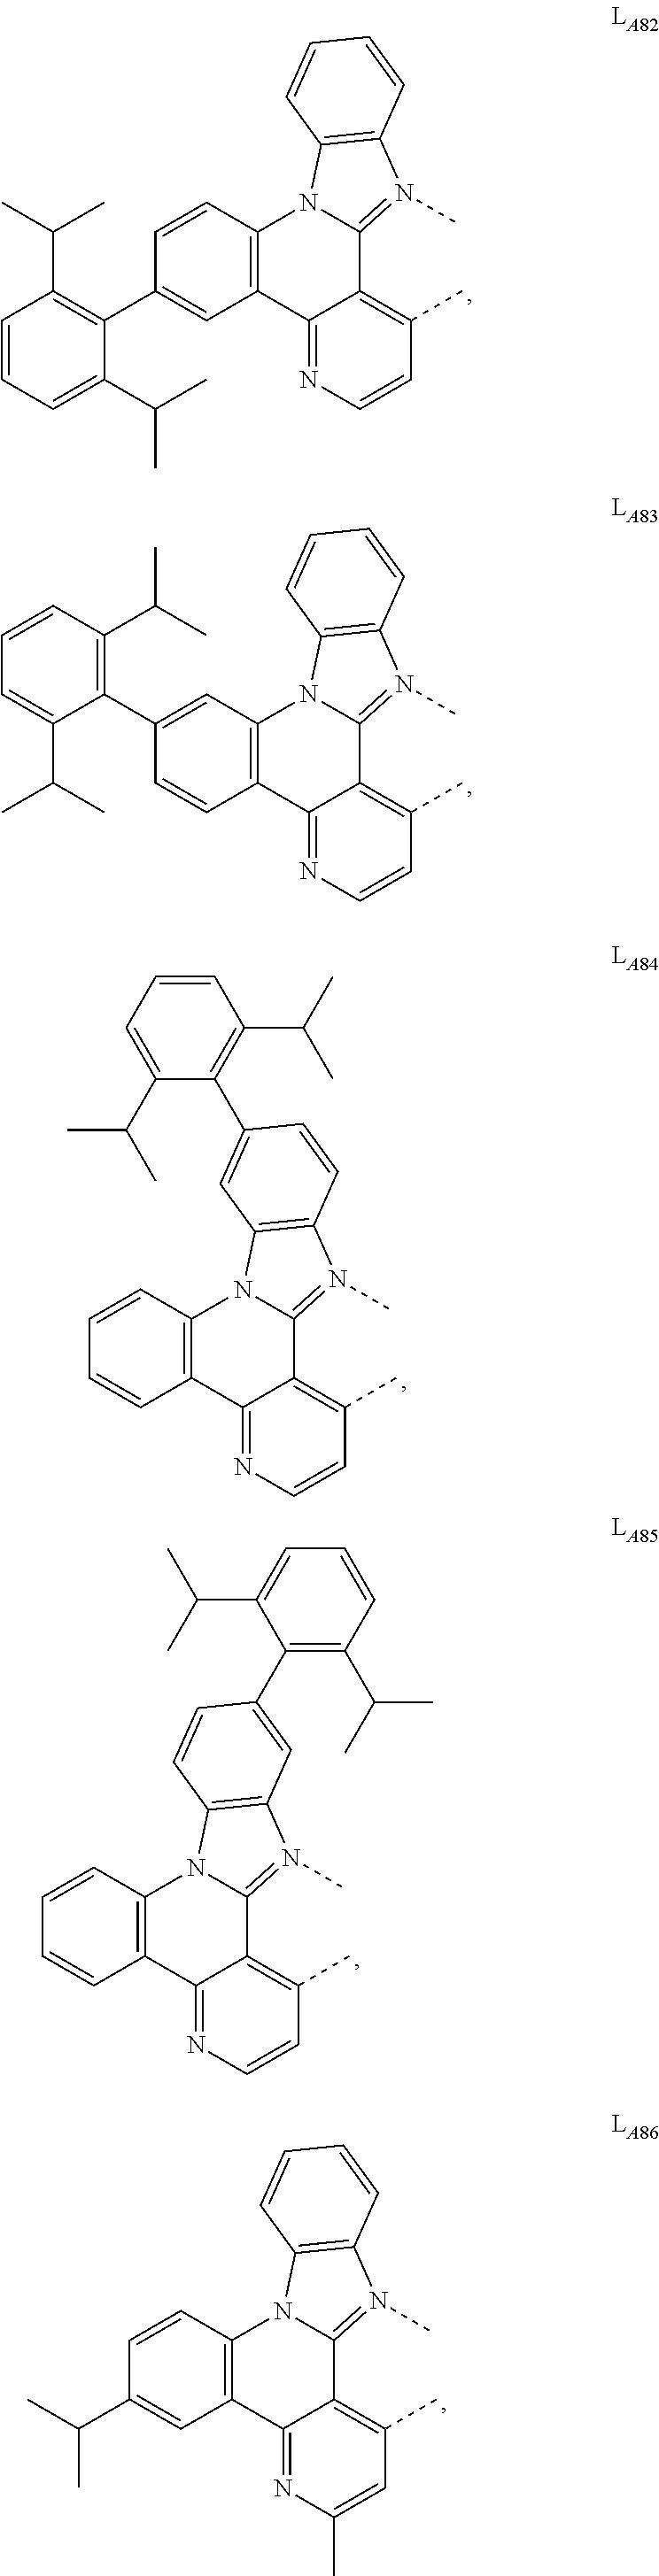 Figure US09905785-20180227-C00442